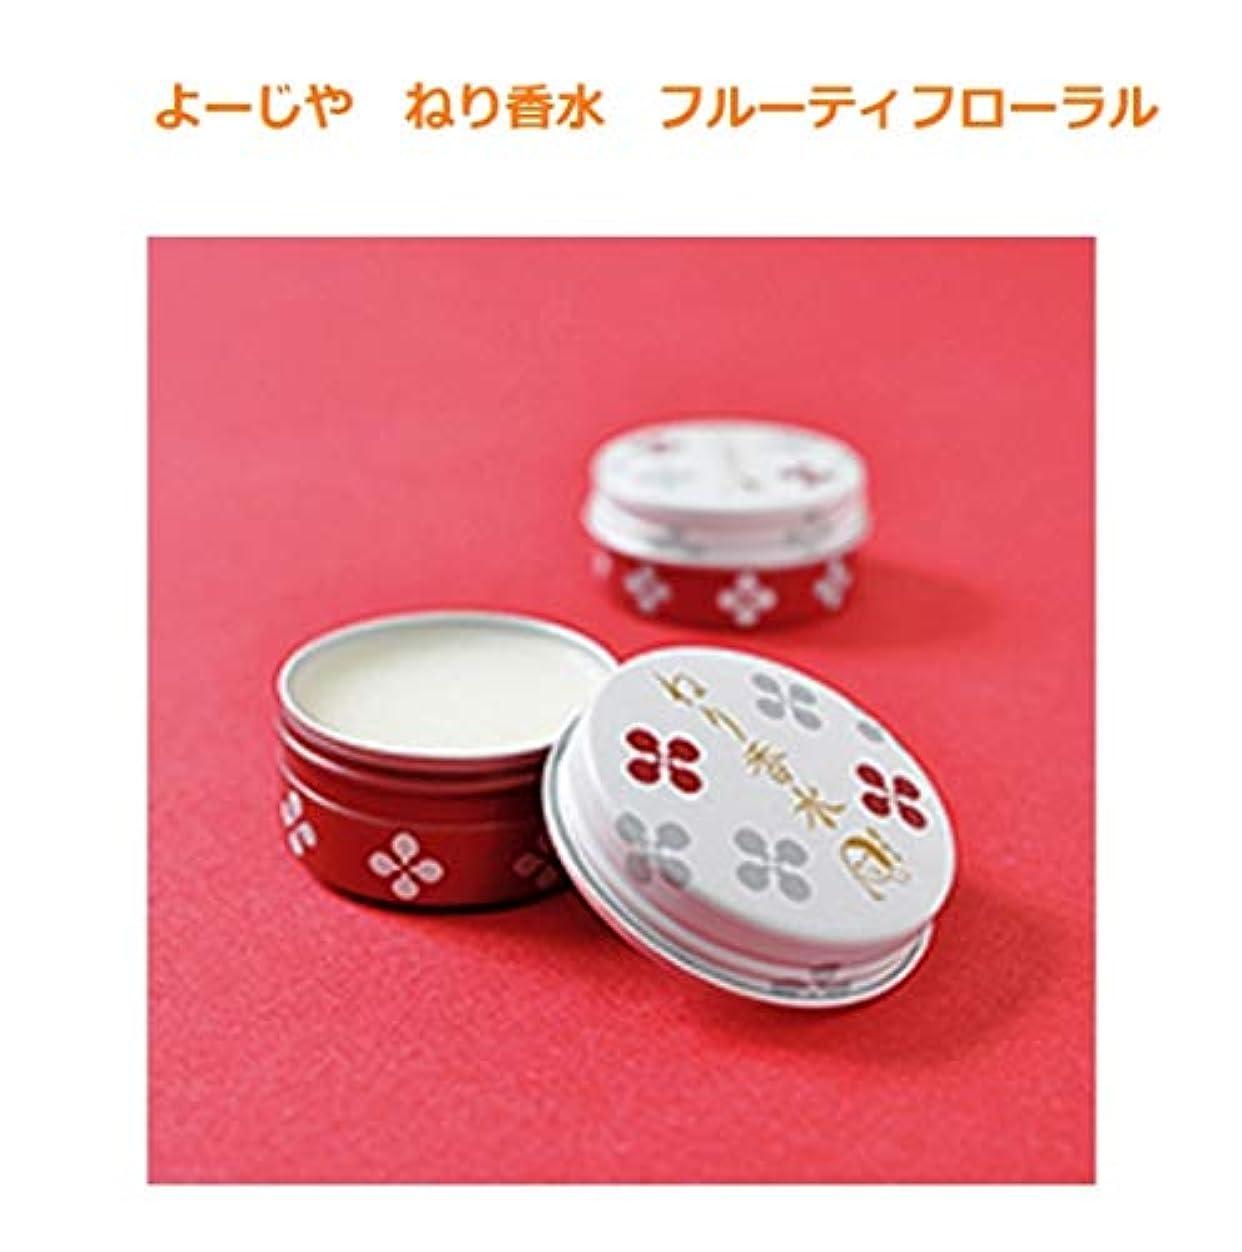 句白菜喉頭よーじや ねり香水 (フルーティフローラル)10g